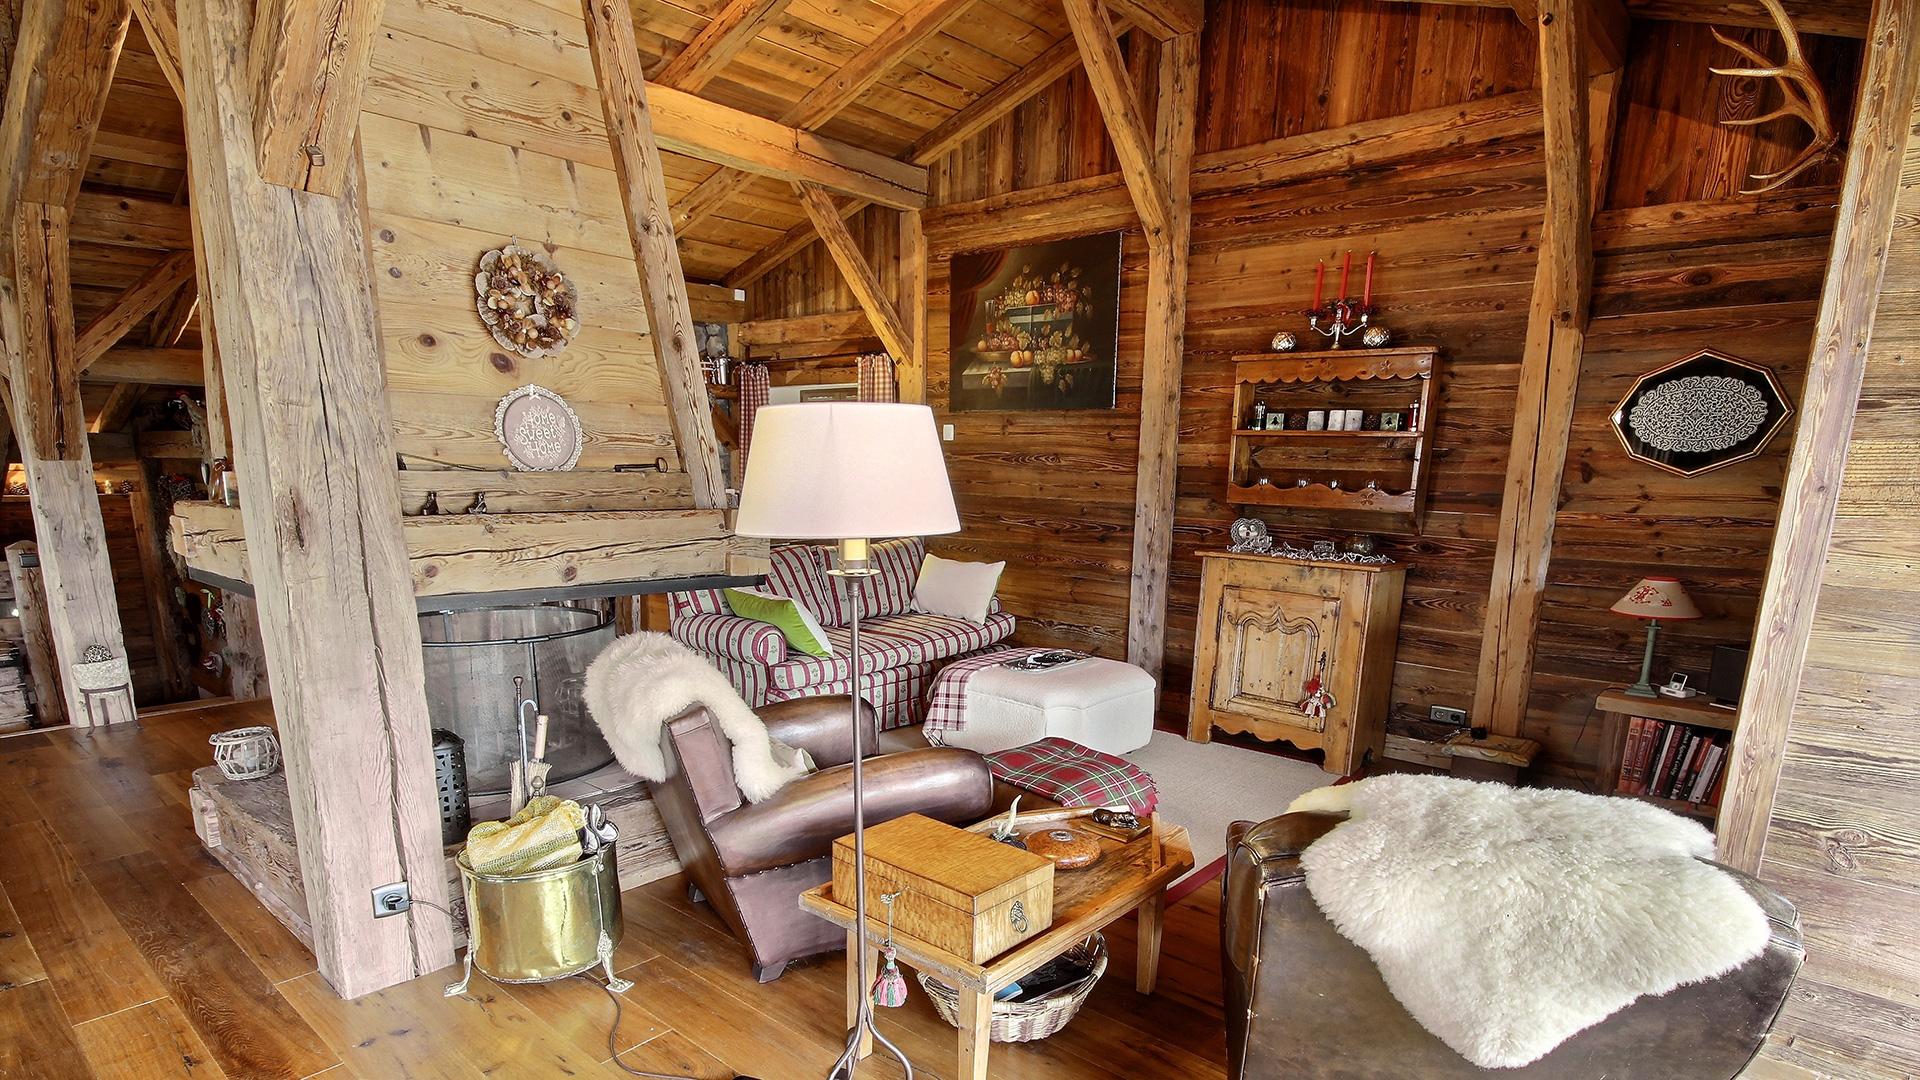 Chalet Ledoux Chalet, France